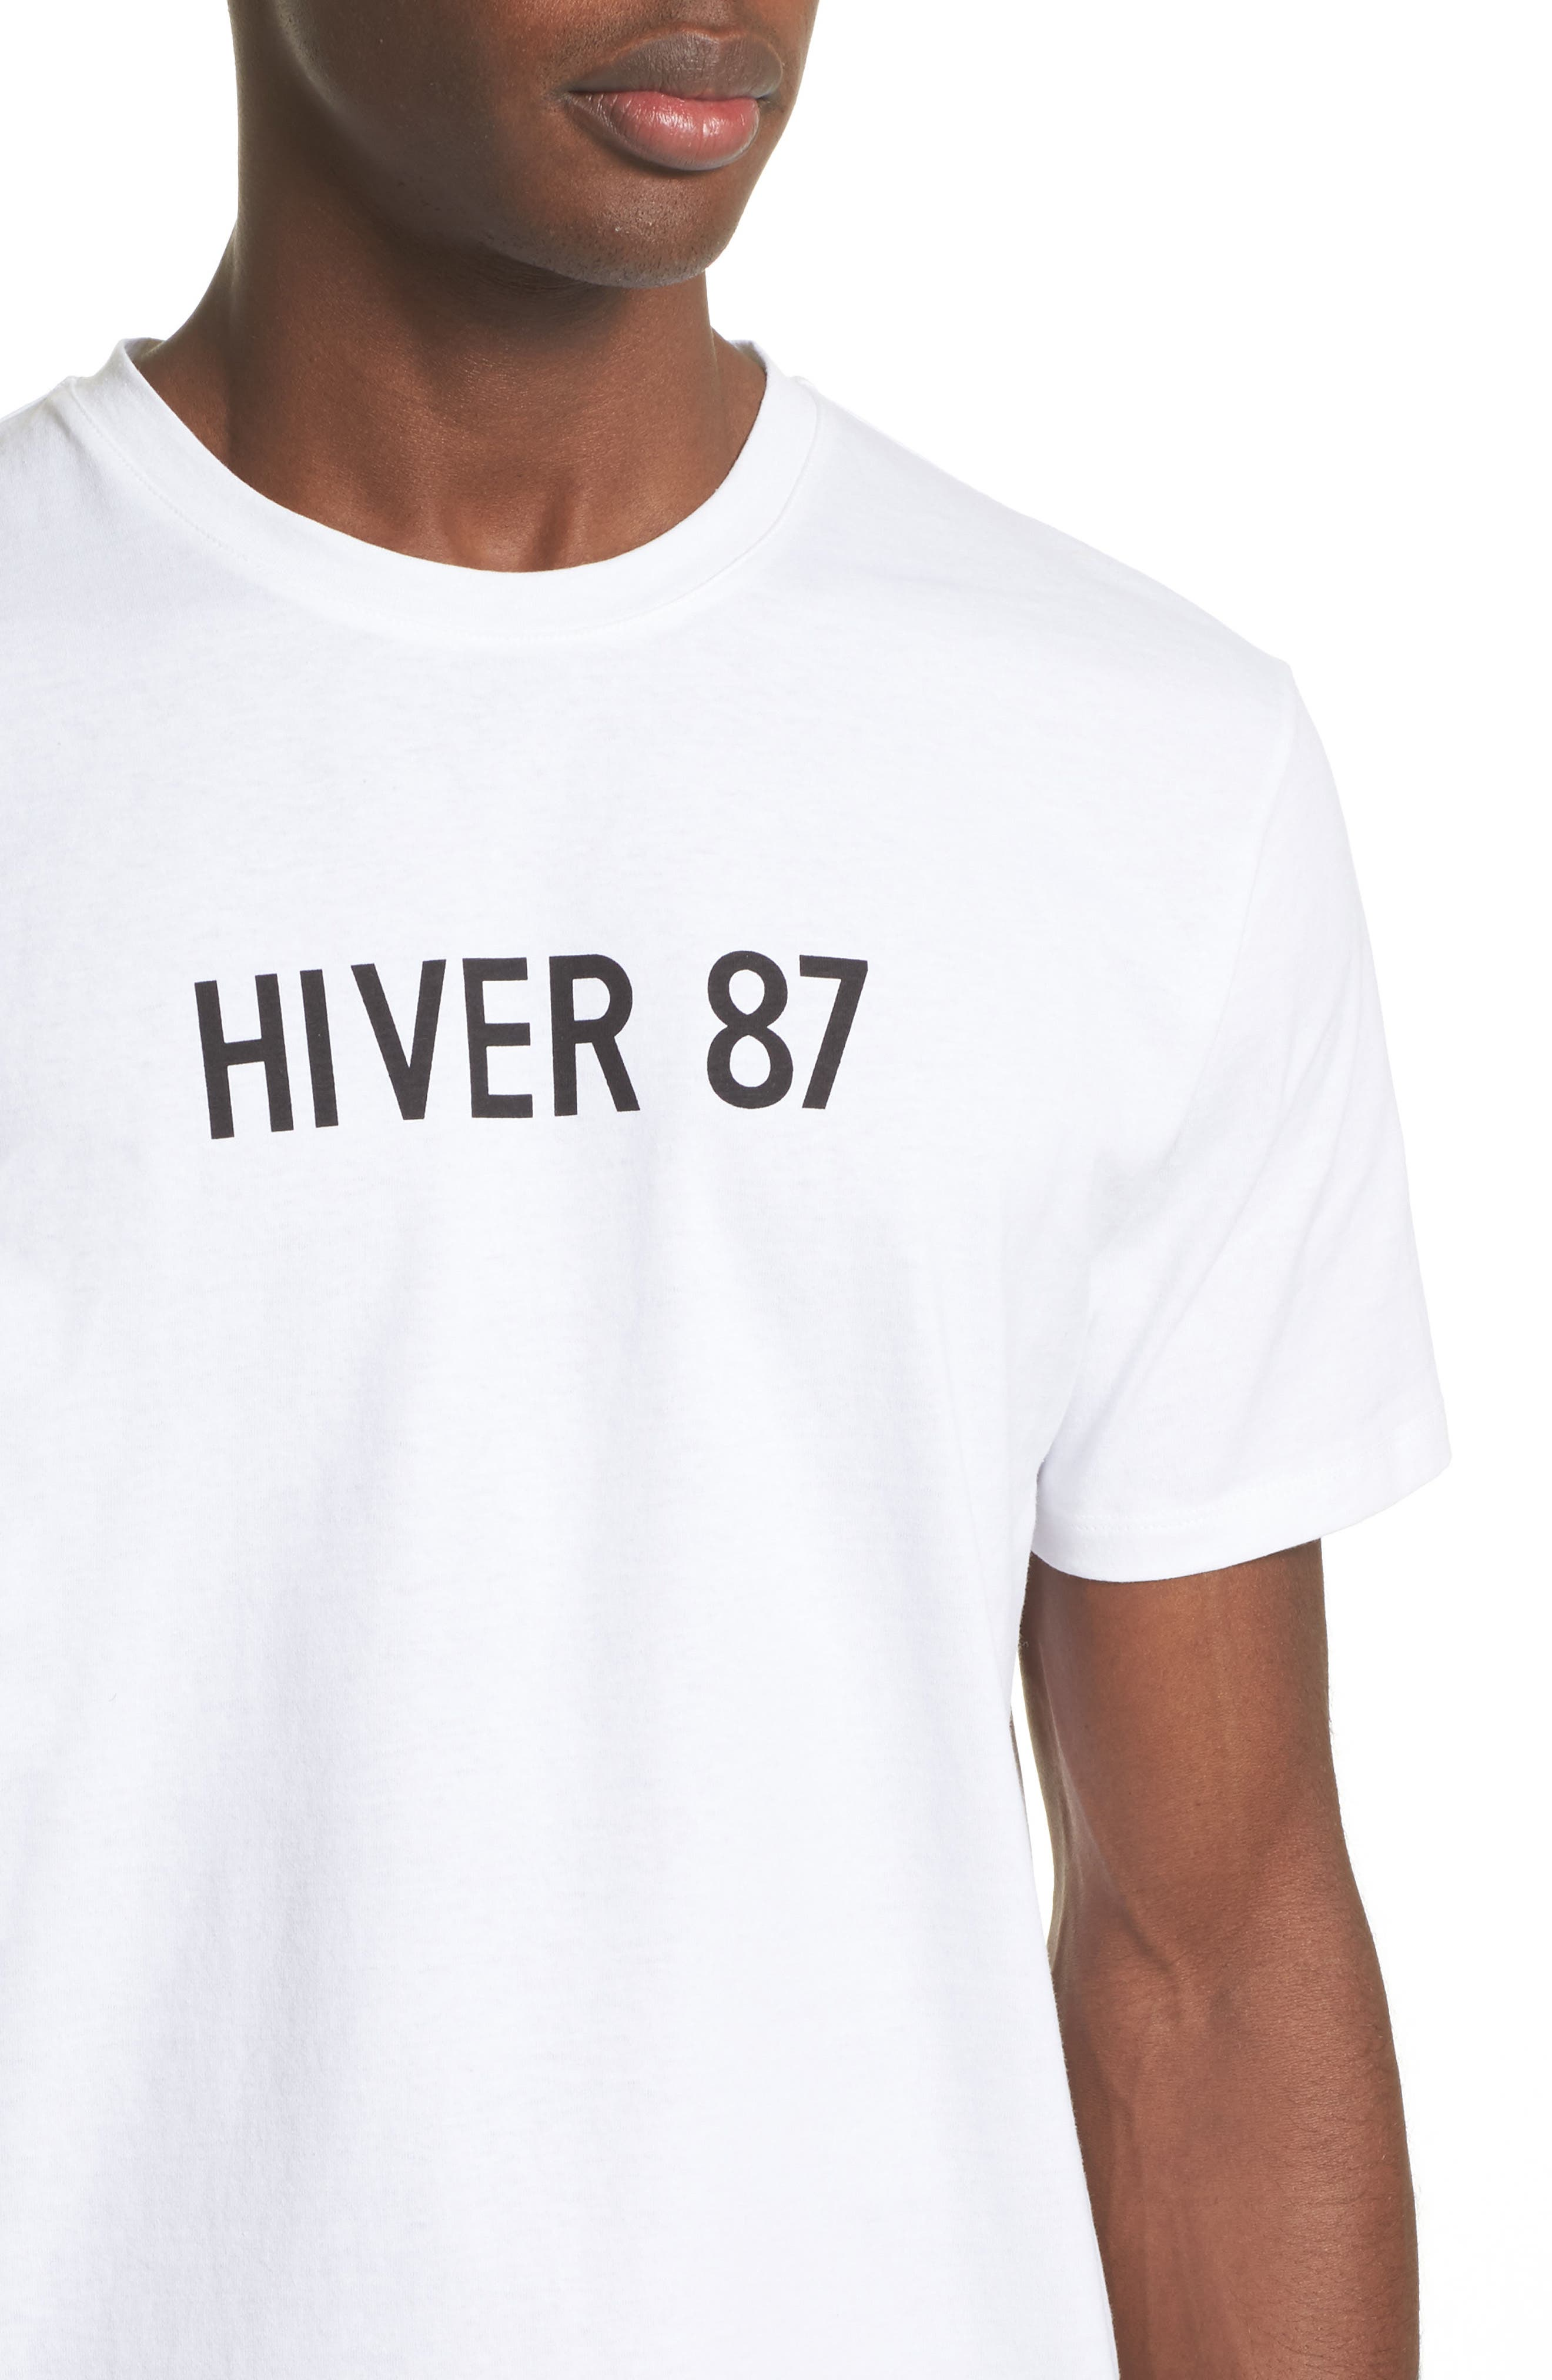 Hiver 87 T-Shirt,                             Alternate thumbnail 4, color,                             100